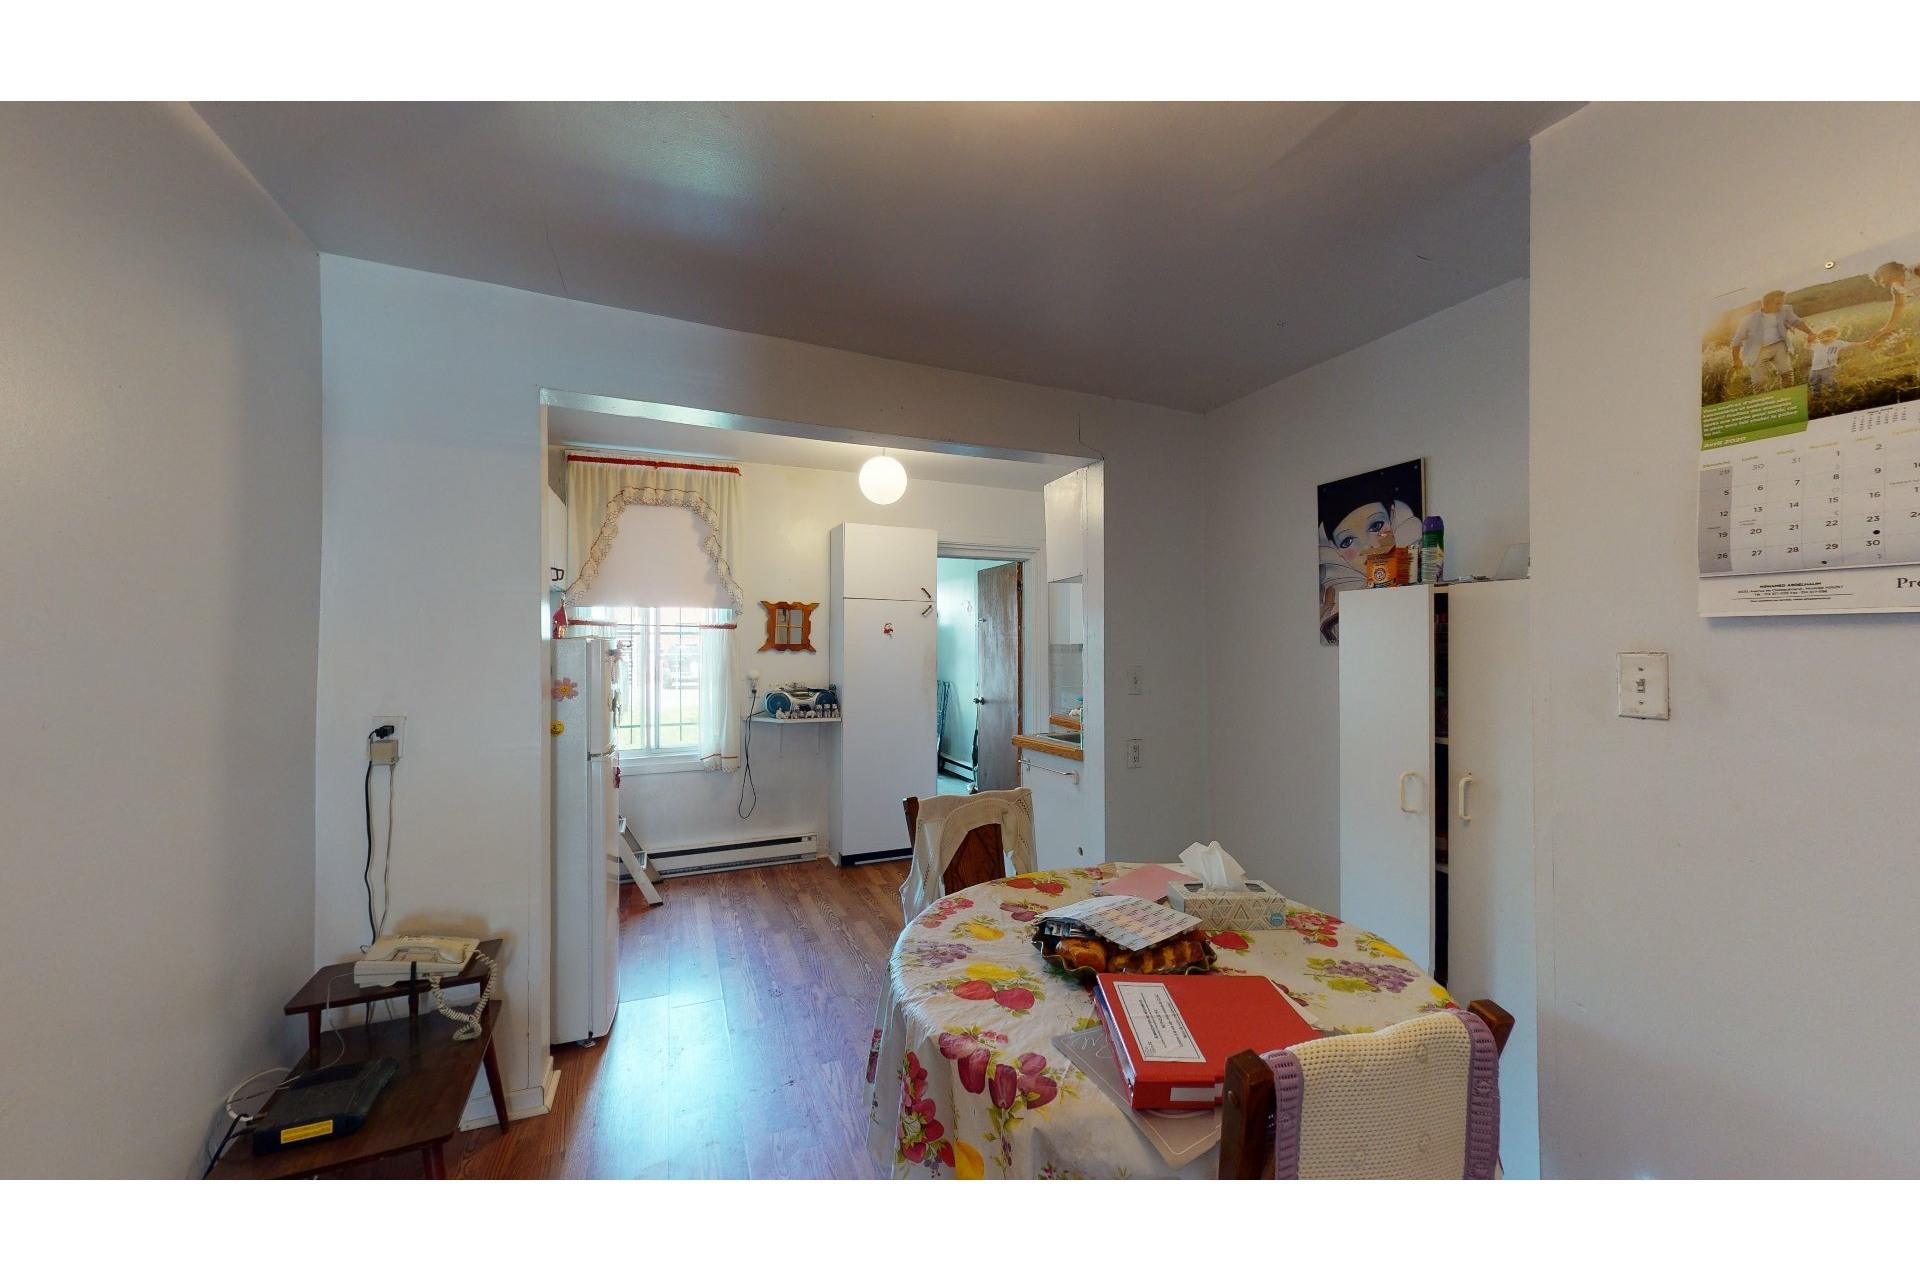 image 10 - Duplex À vendre Rosemont/La Petite-Patrie Montréal  - 7 pièces